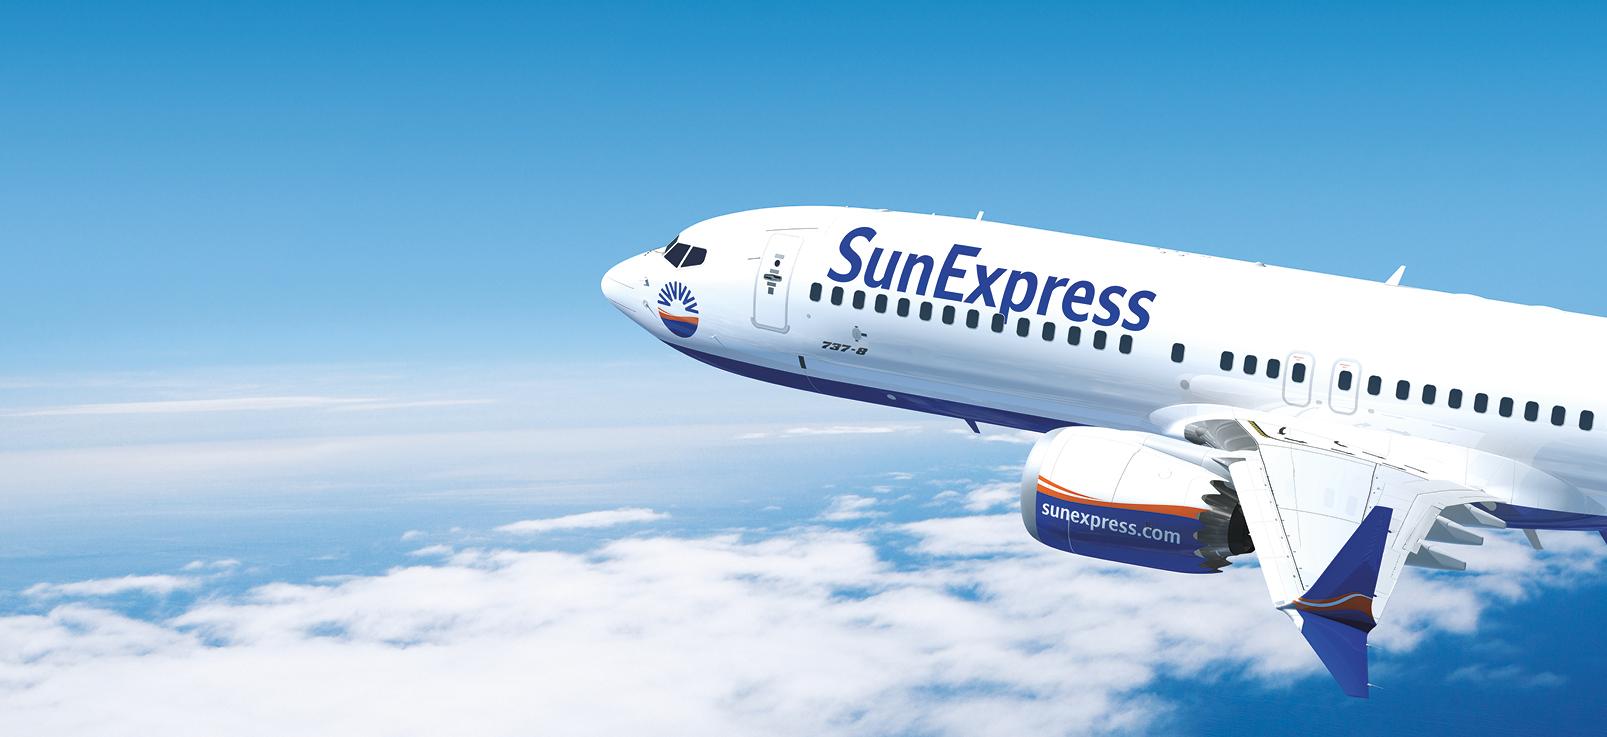 Sunexpress Ticket